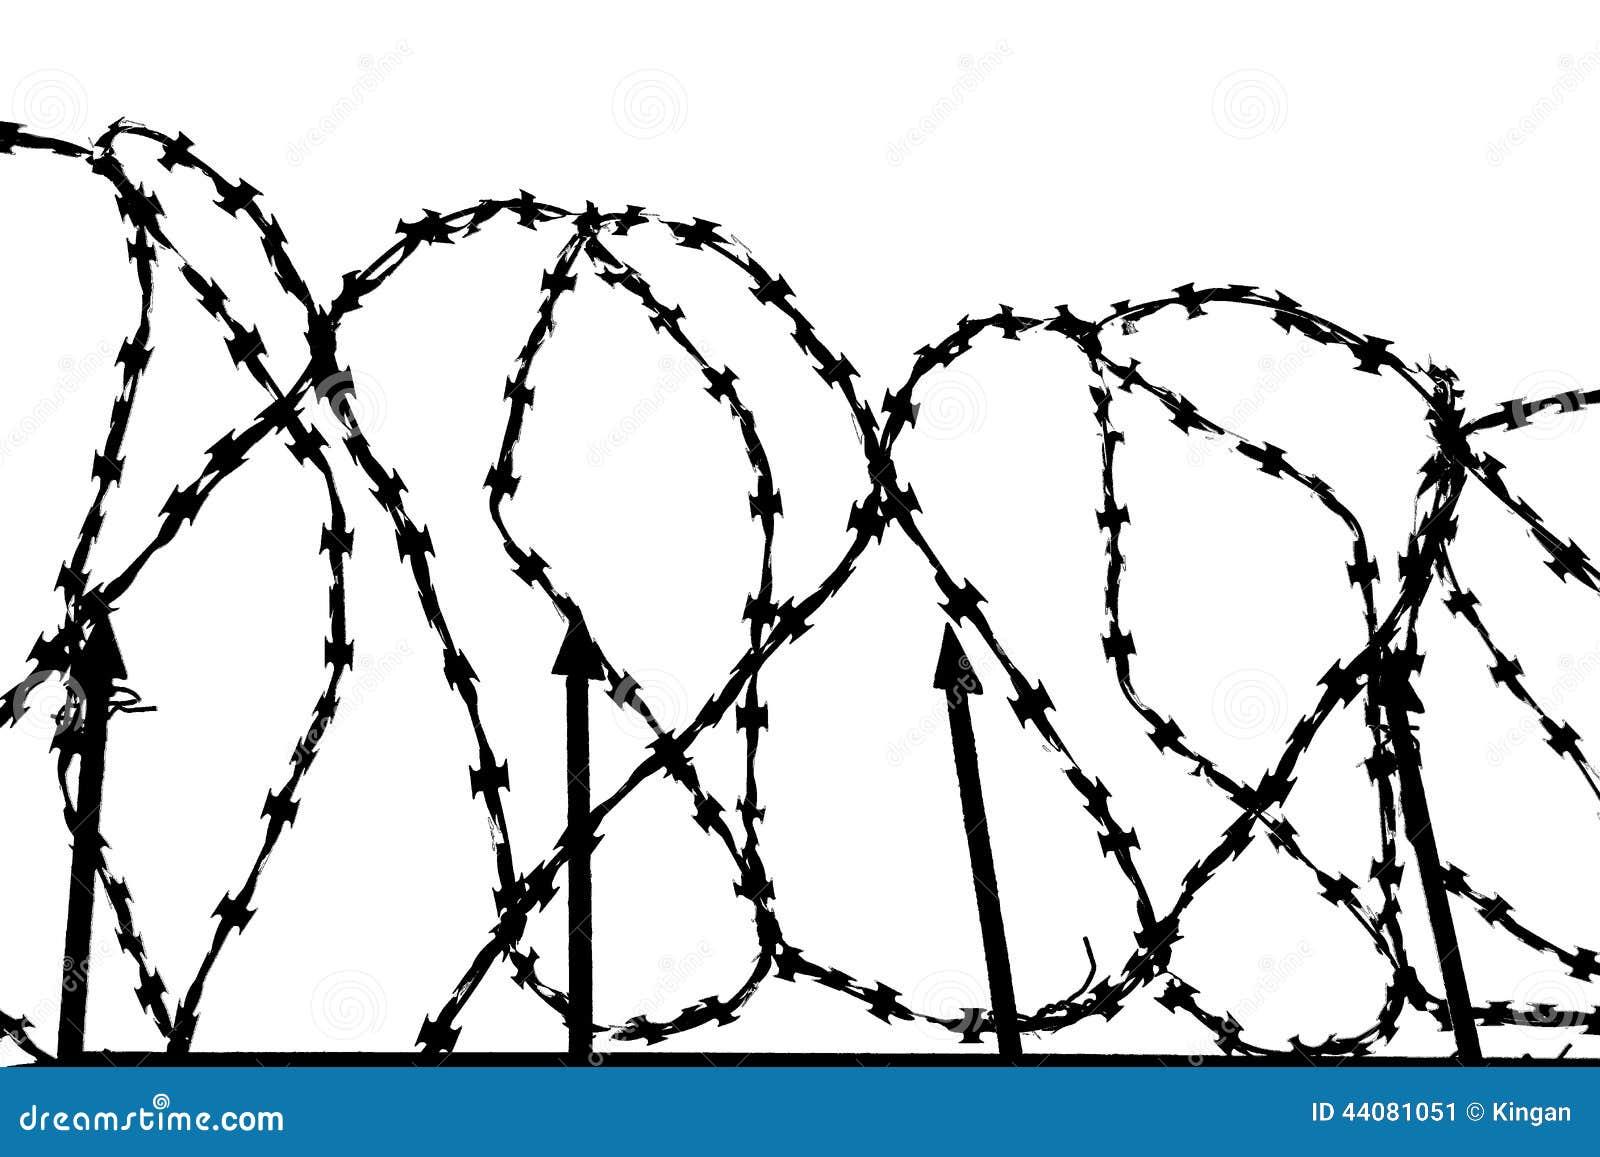 Barbed wire barrier stock illustration. Illustration of crime - 44081051